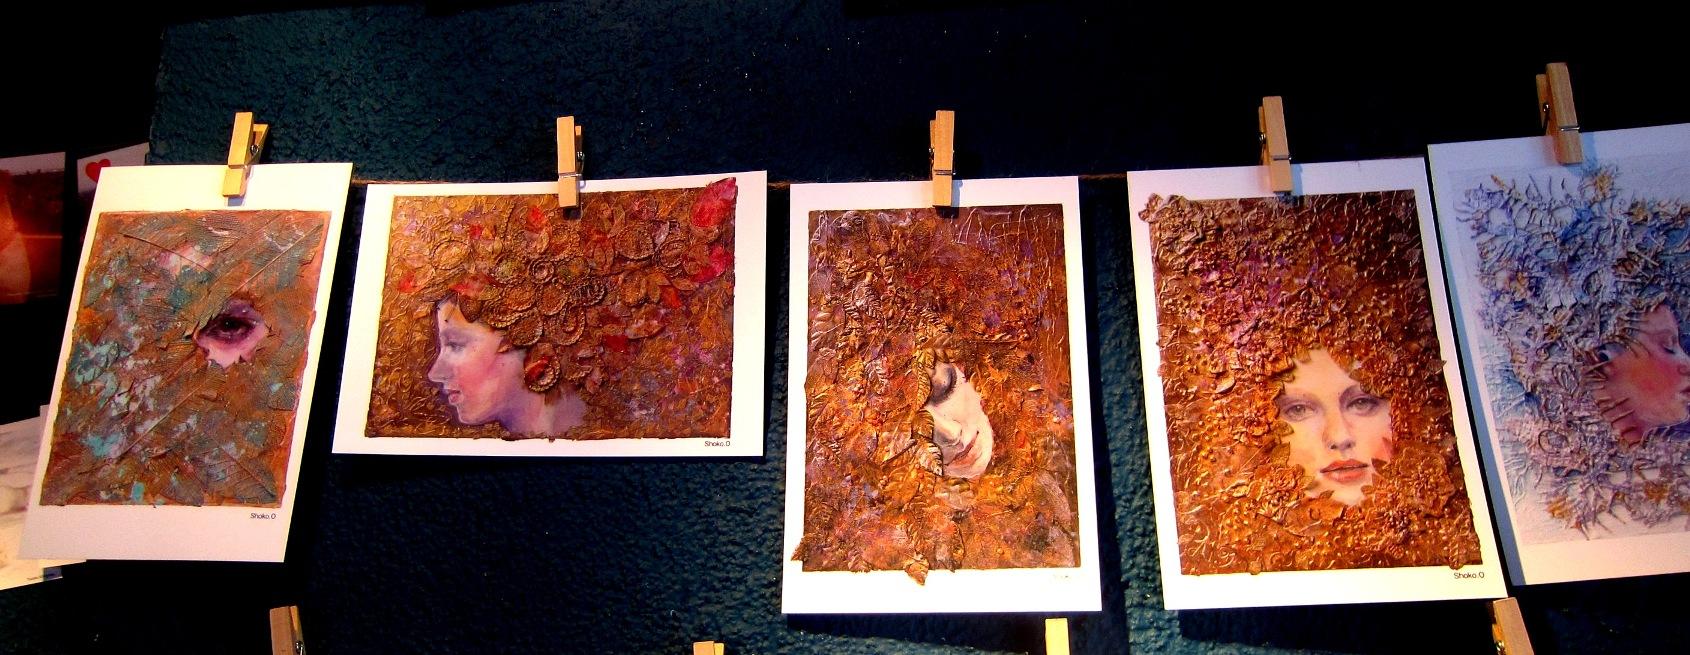 1974)「東日本大震災被災支援募金活動 ポストカード プロジェクト展」カフェエスキス 3月14日(木~4月2日(火_f0126829_949427.jpg